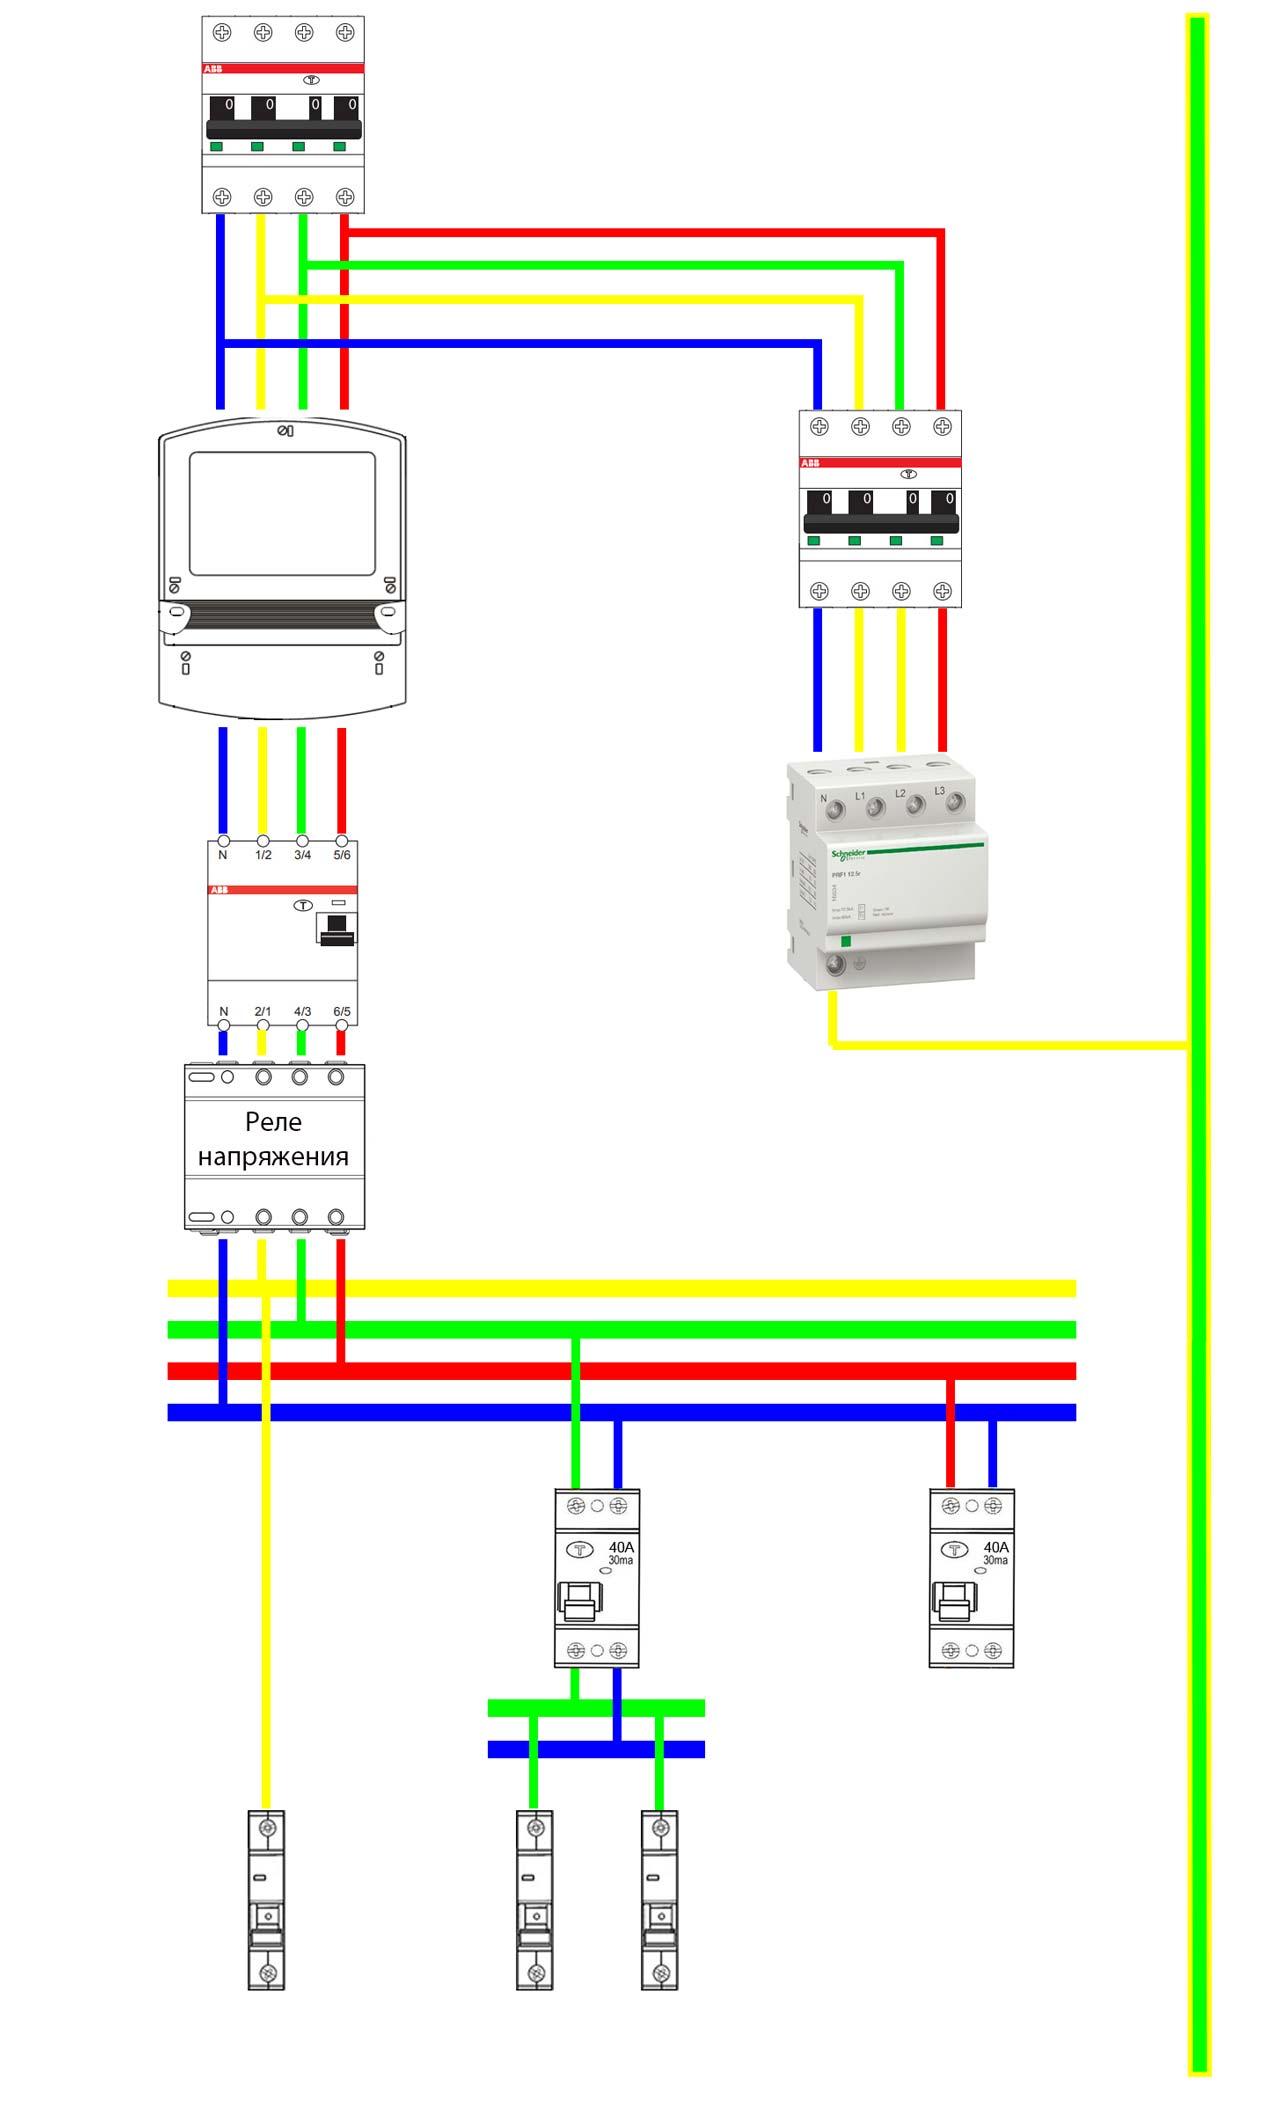 Скачать программное обеспечение и документацию низковольтная аппаратура оин1, оин2 - ао «энергомера»